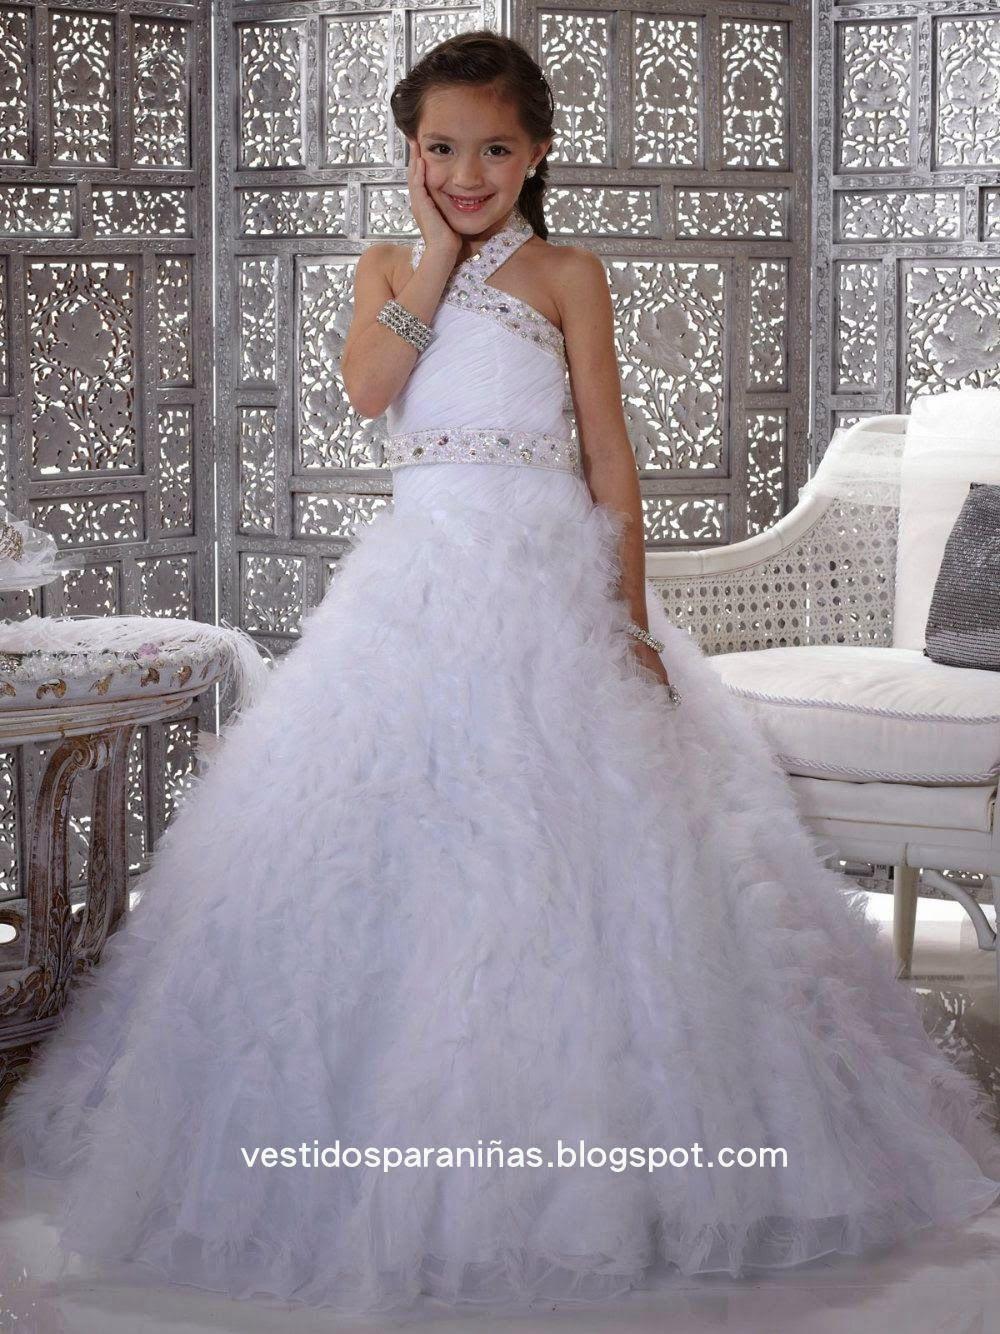 vestidos para ir a una boda niñas - Buscar con Google | paulina ...